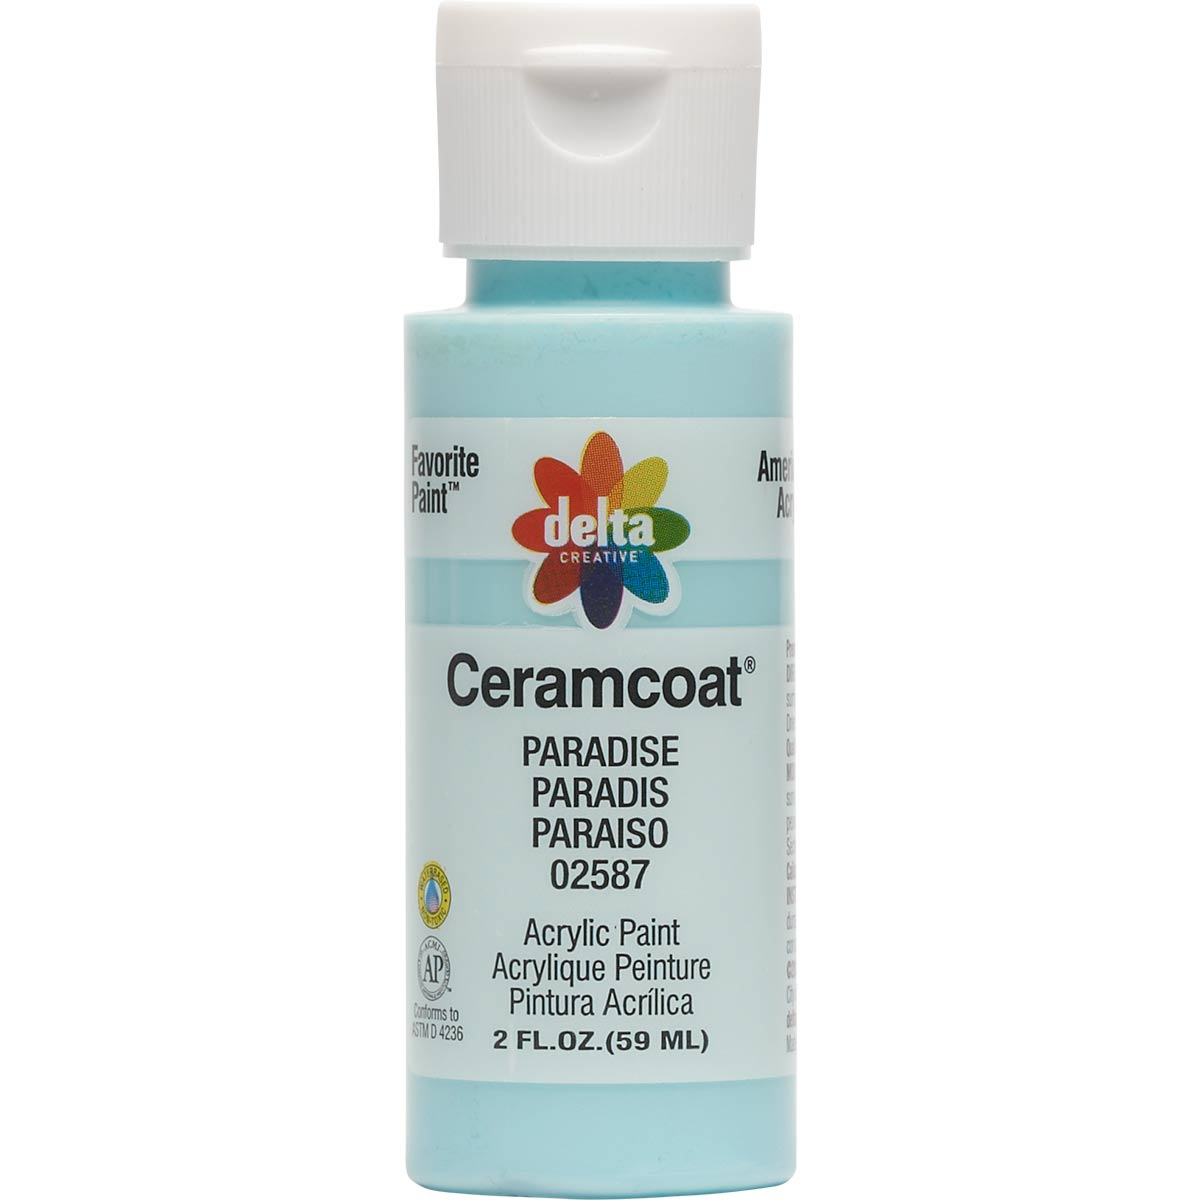 Delta Ceramcoat ® Acrylic Paint - Paradise, 2 oz. - 025870202W